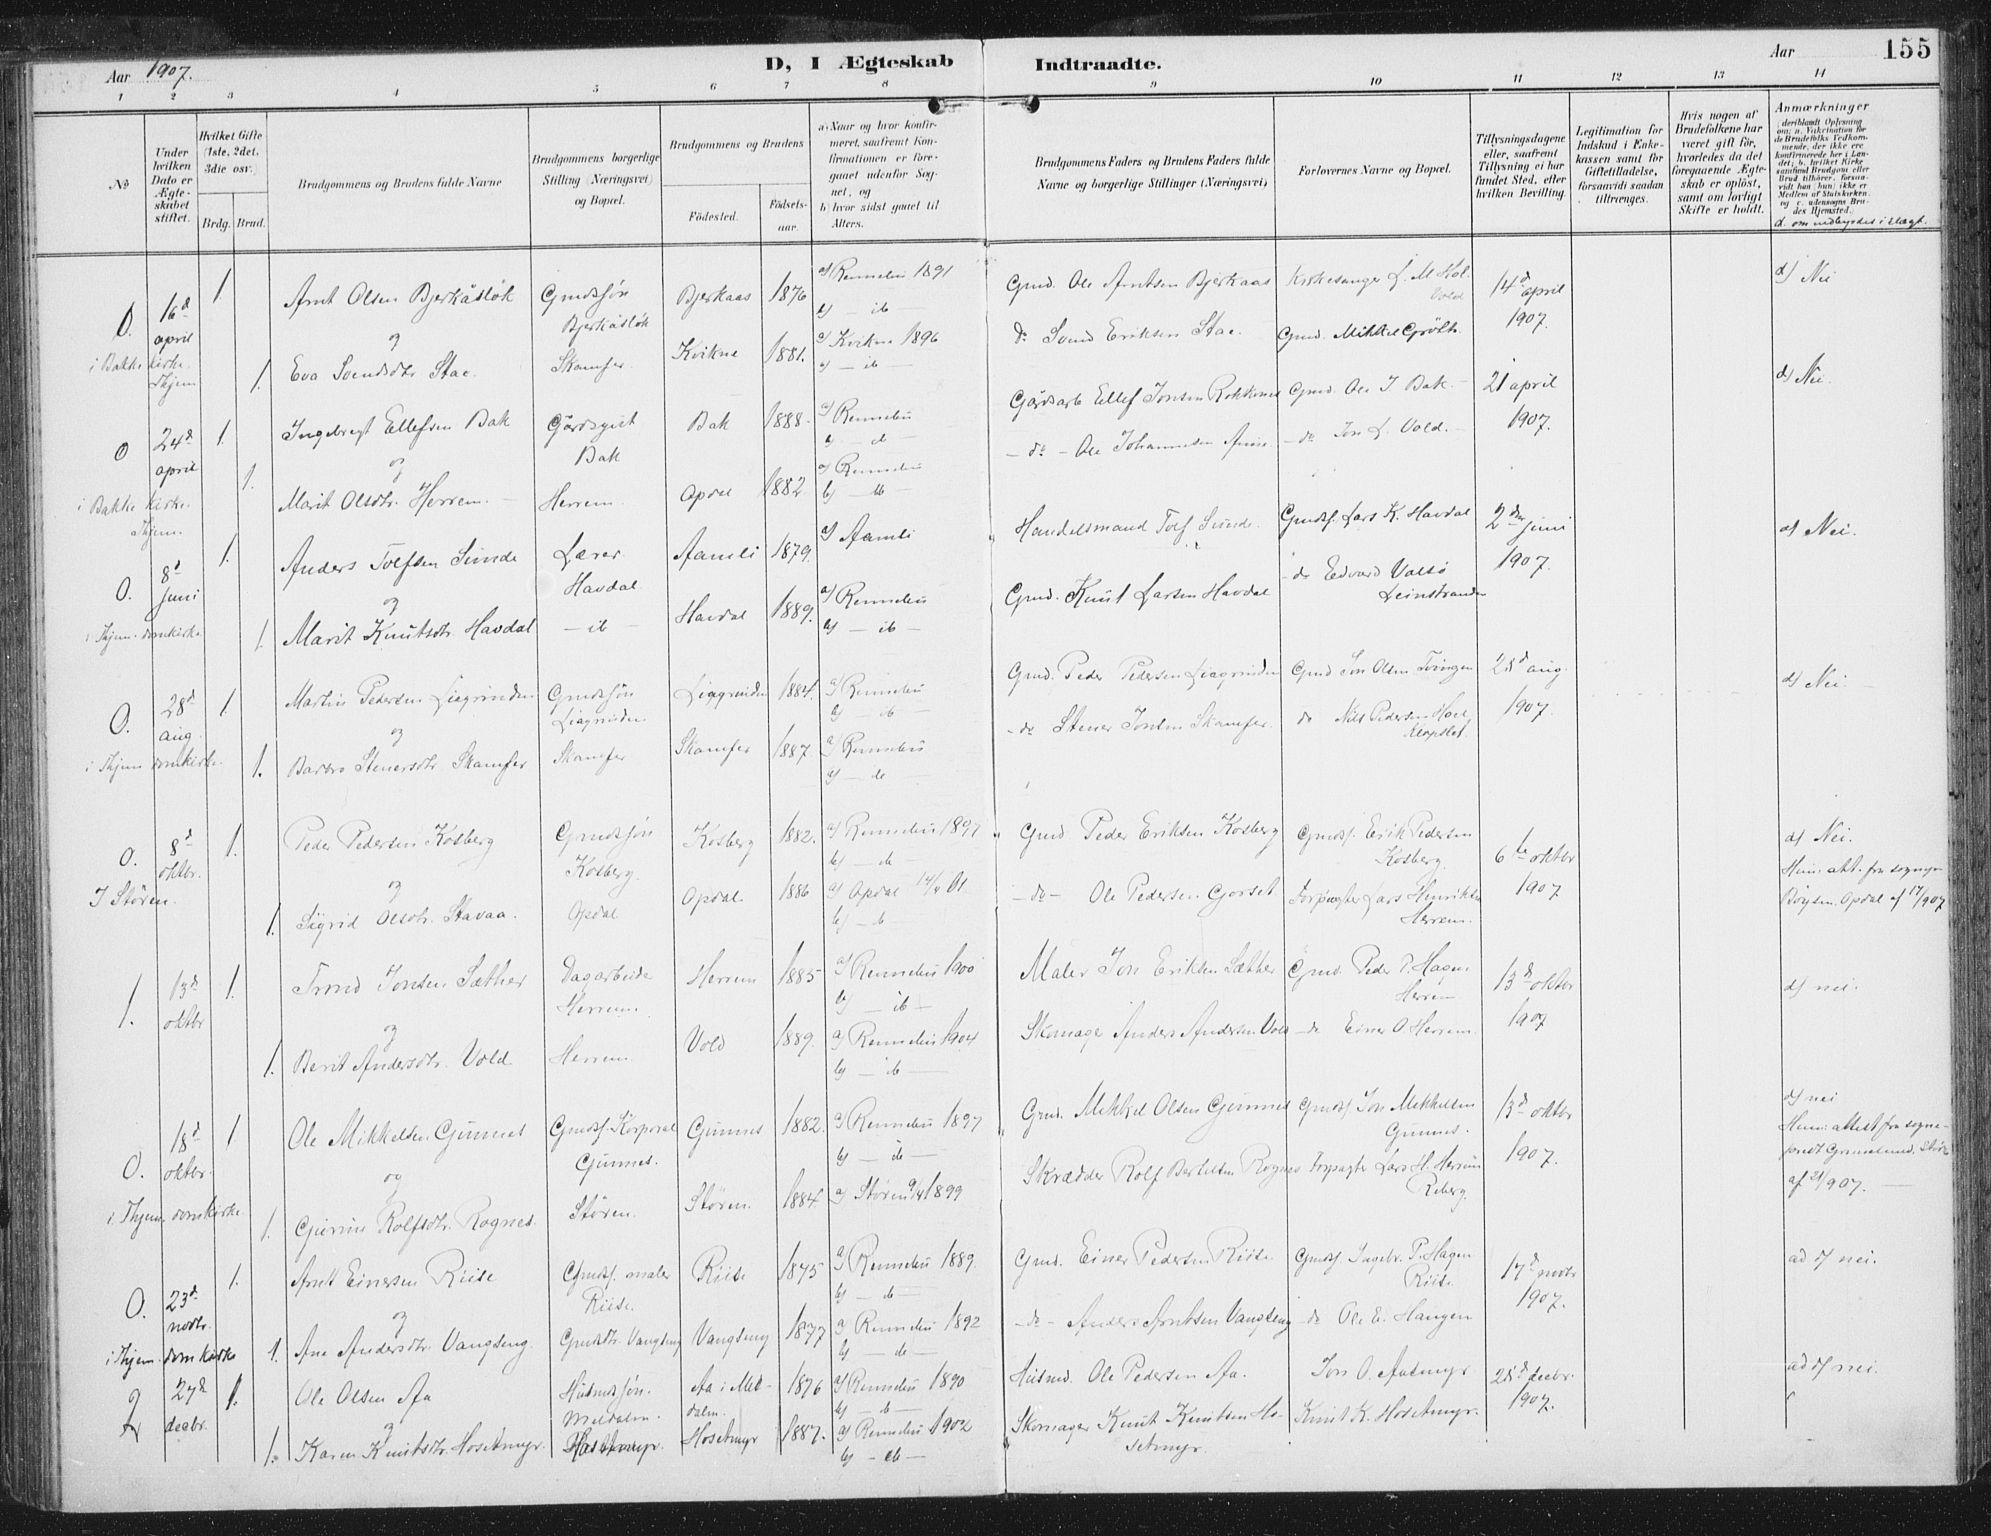 SAT, Ministerialprotokoller, klokkerbøker og fødselsregistre - Sør-Trøndelag, 674/L0872: Ministerialbok nr. 674A04, 1897-1907, s. 155